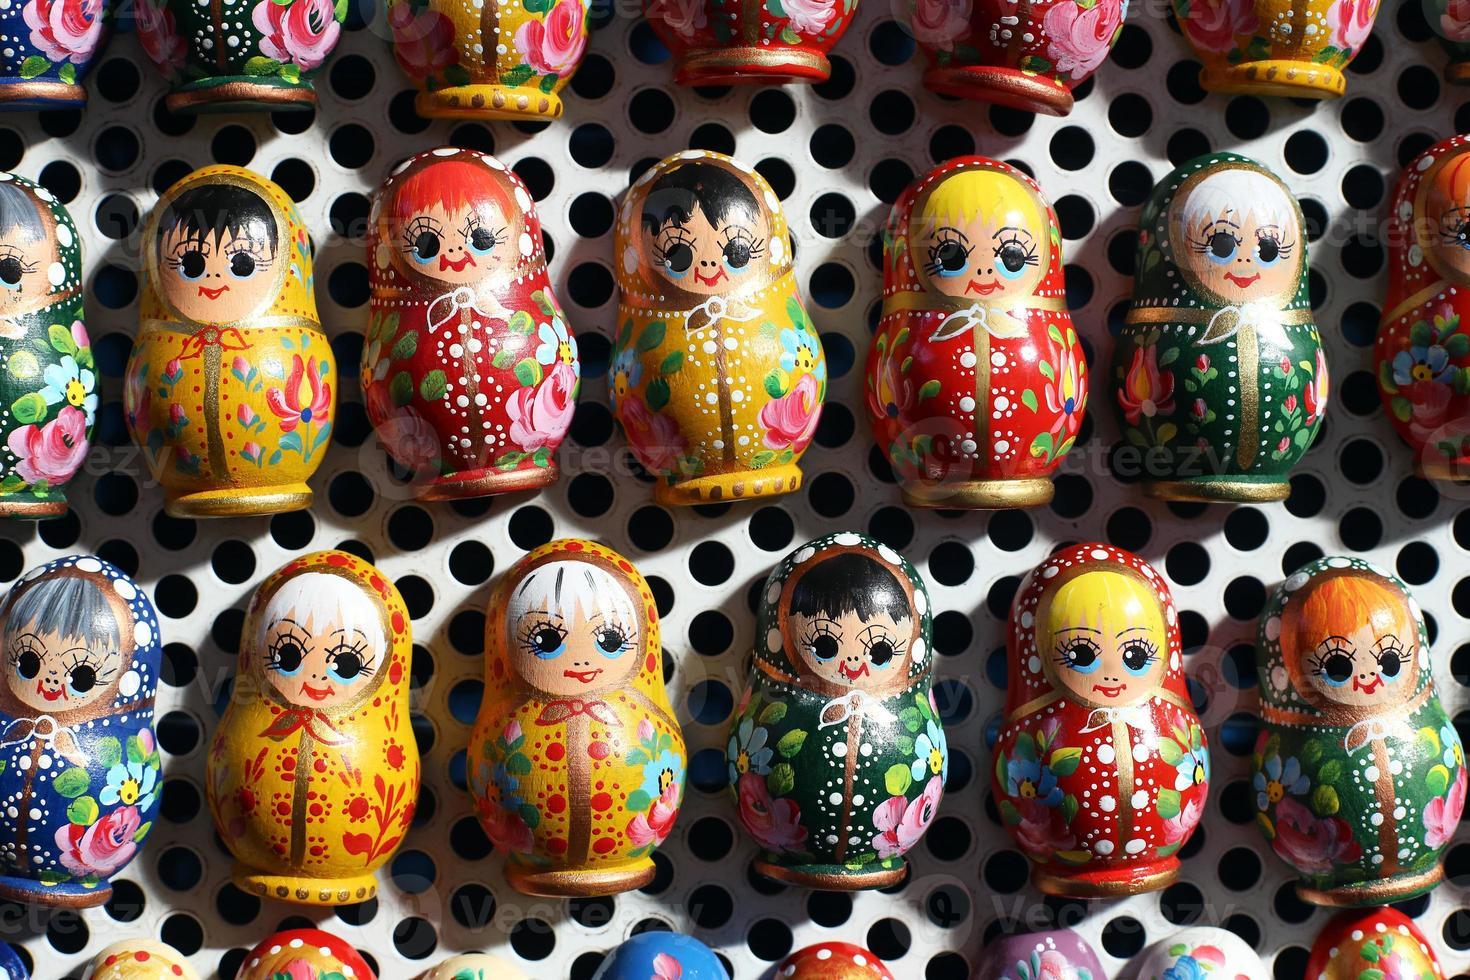 groupe de poupées russes matreshka comme souvenirs photo